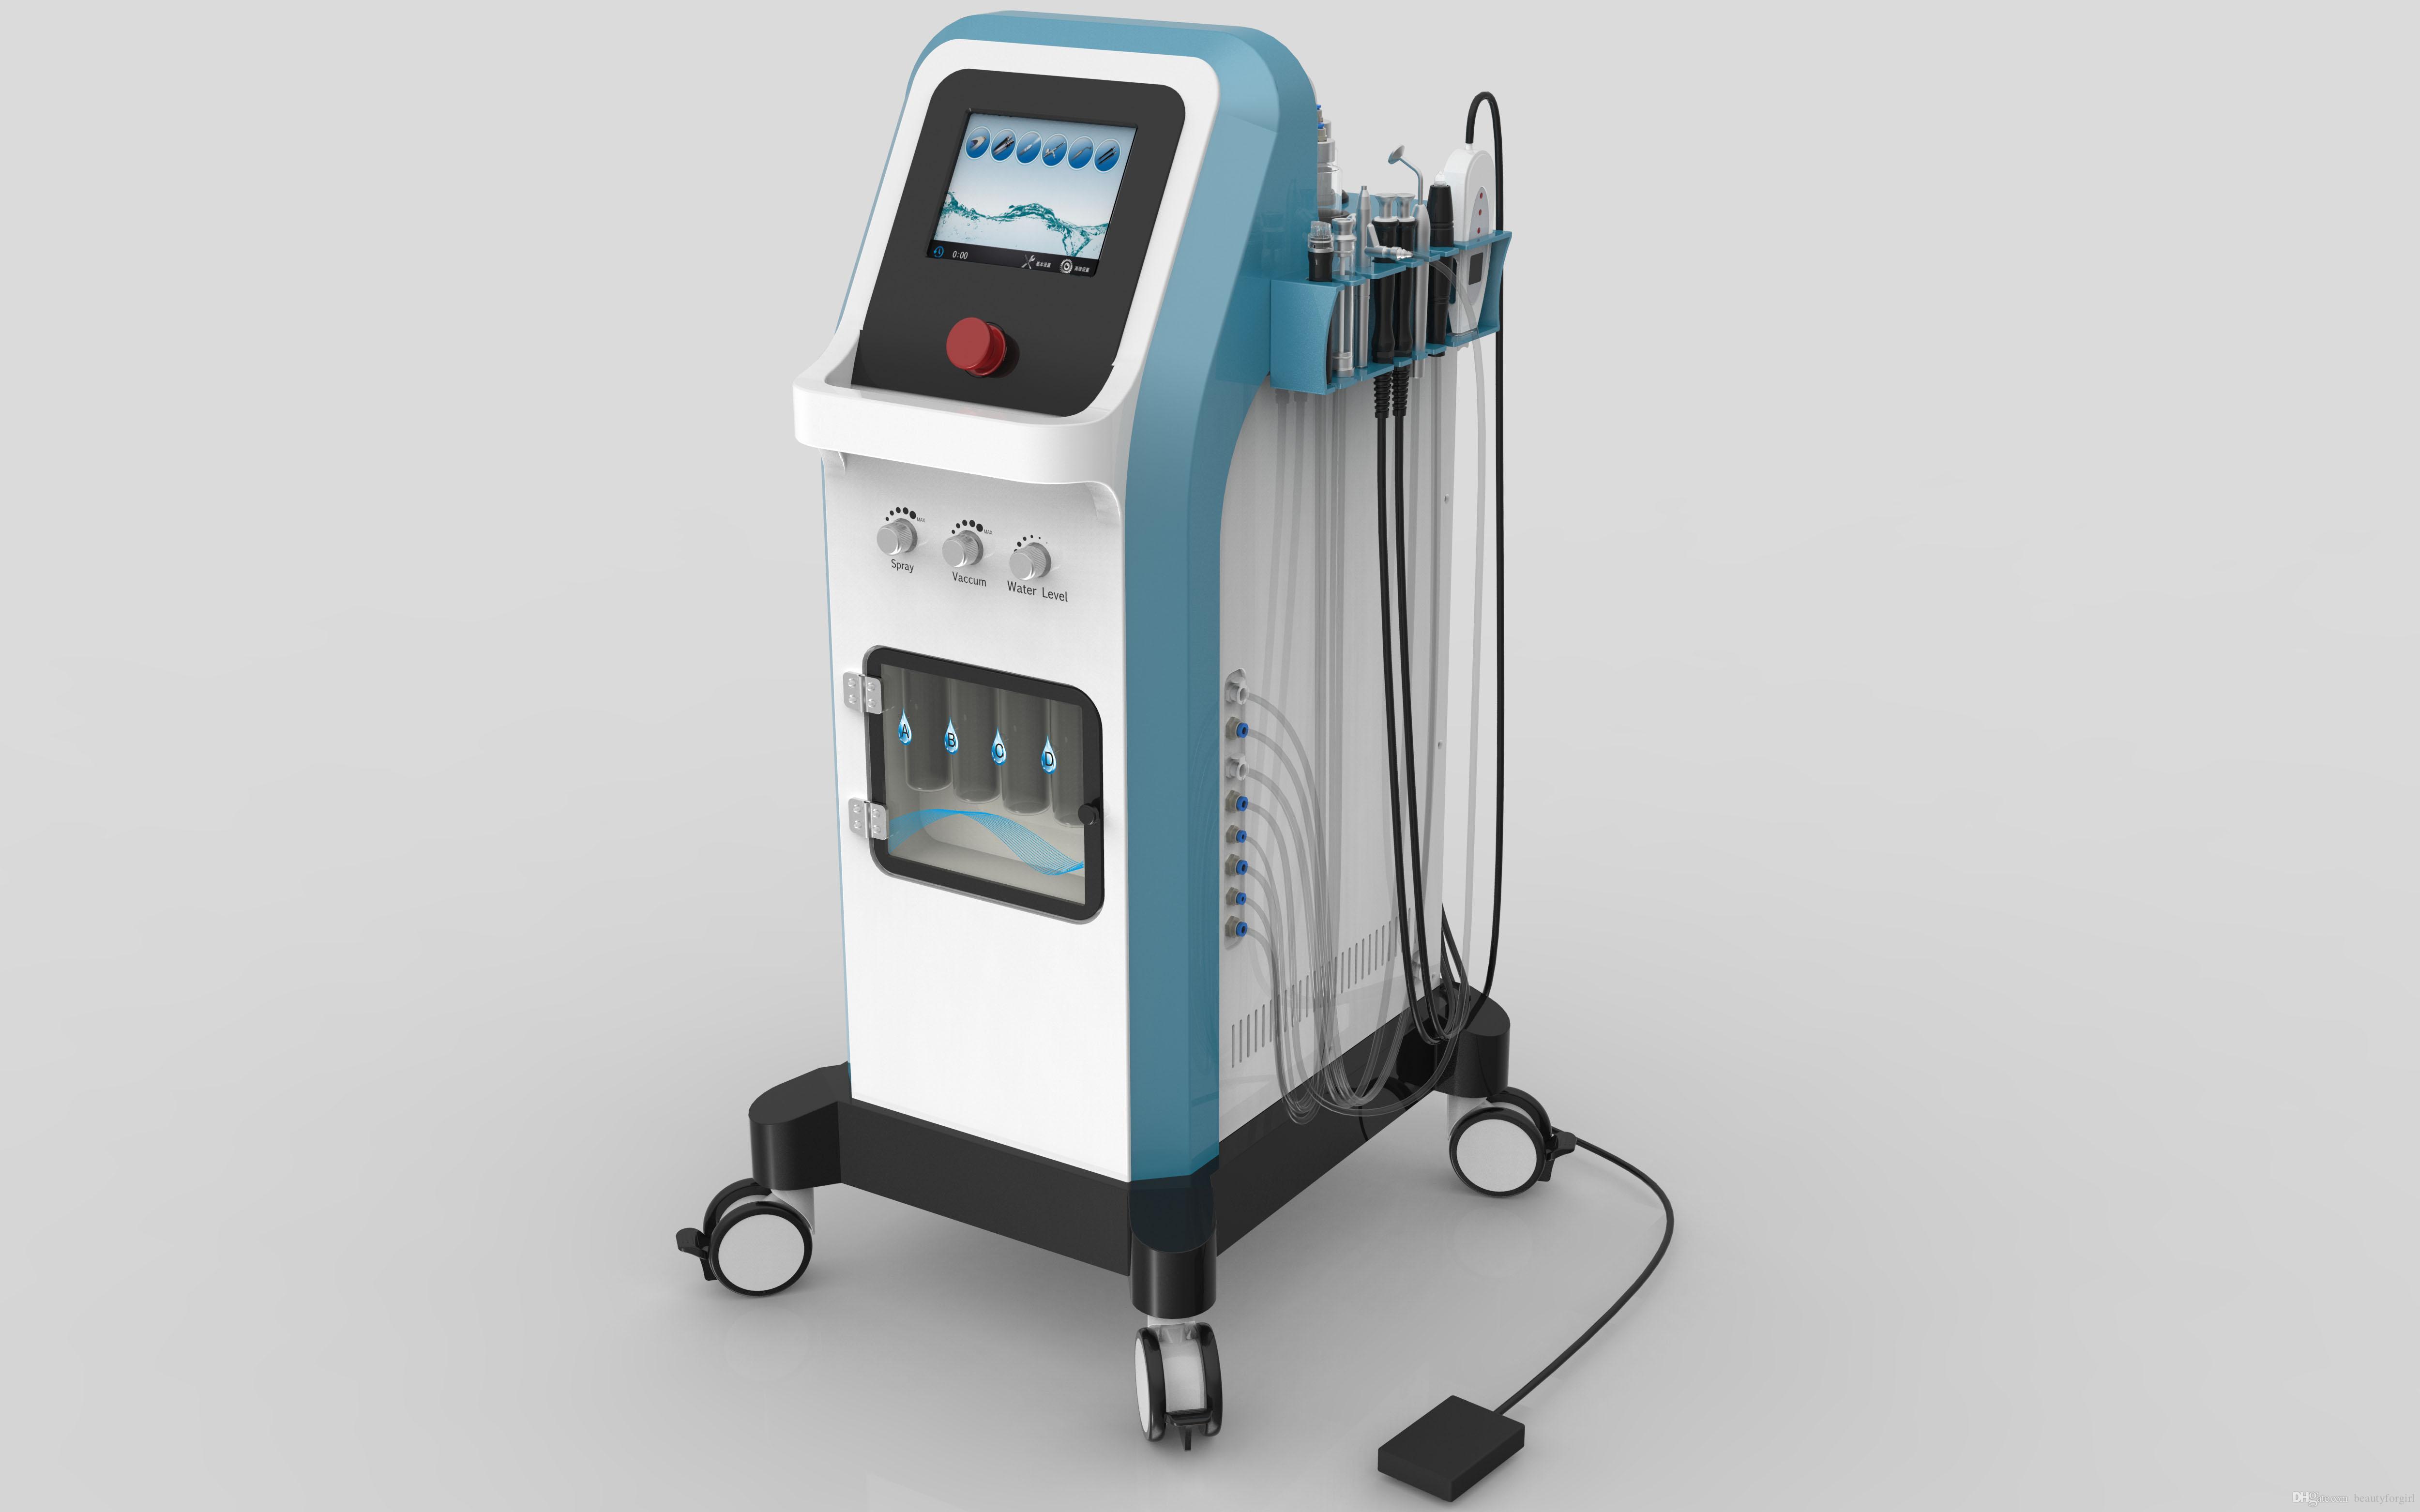 المهنية Hydra المياه جلدي مع RF الأكسجين Spary سبا الوجه آلة / Hydro Microdermabrasion المعدات ل SpaSalon مع CE